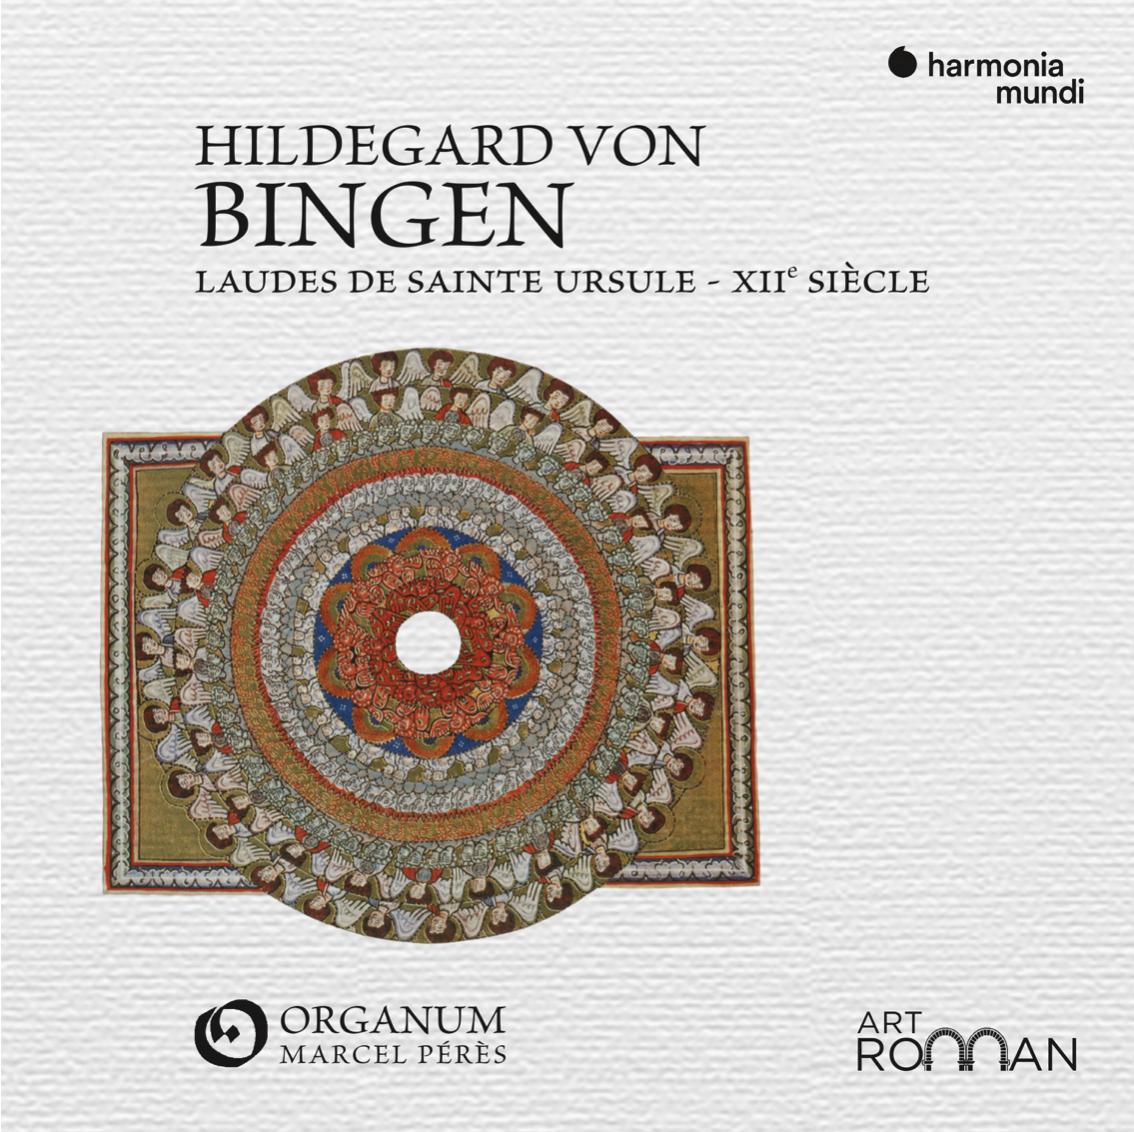 HILDEGARD VON BINGEN (1098-1179) Laudes de sainte Ursule In Matutinis Laudibus Sancte Ursule HMO 8901626